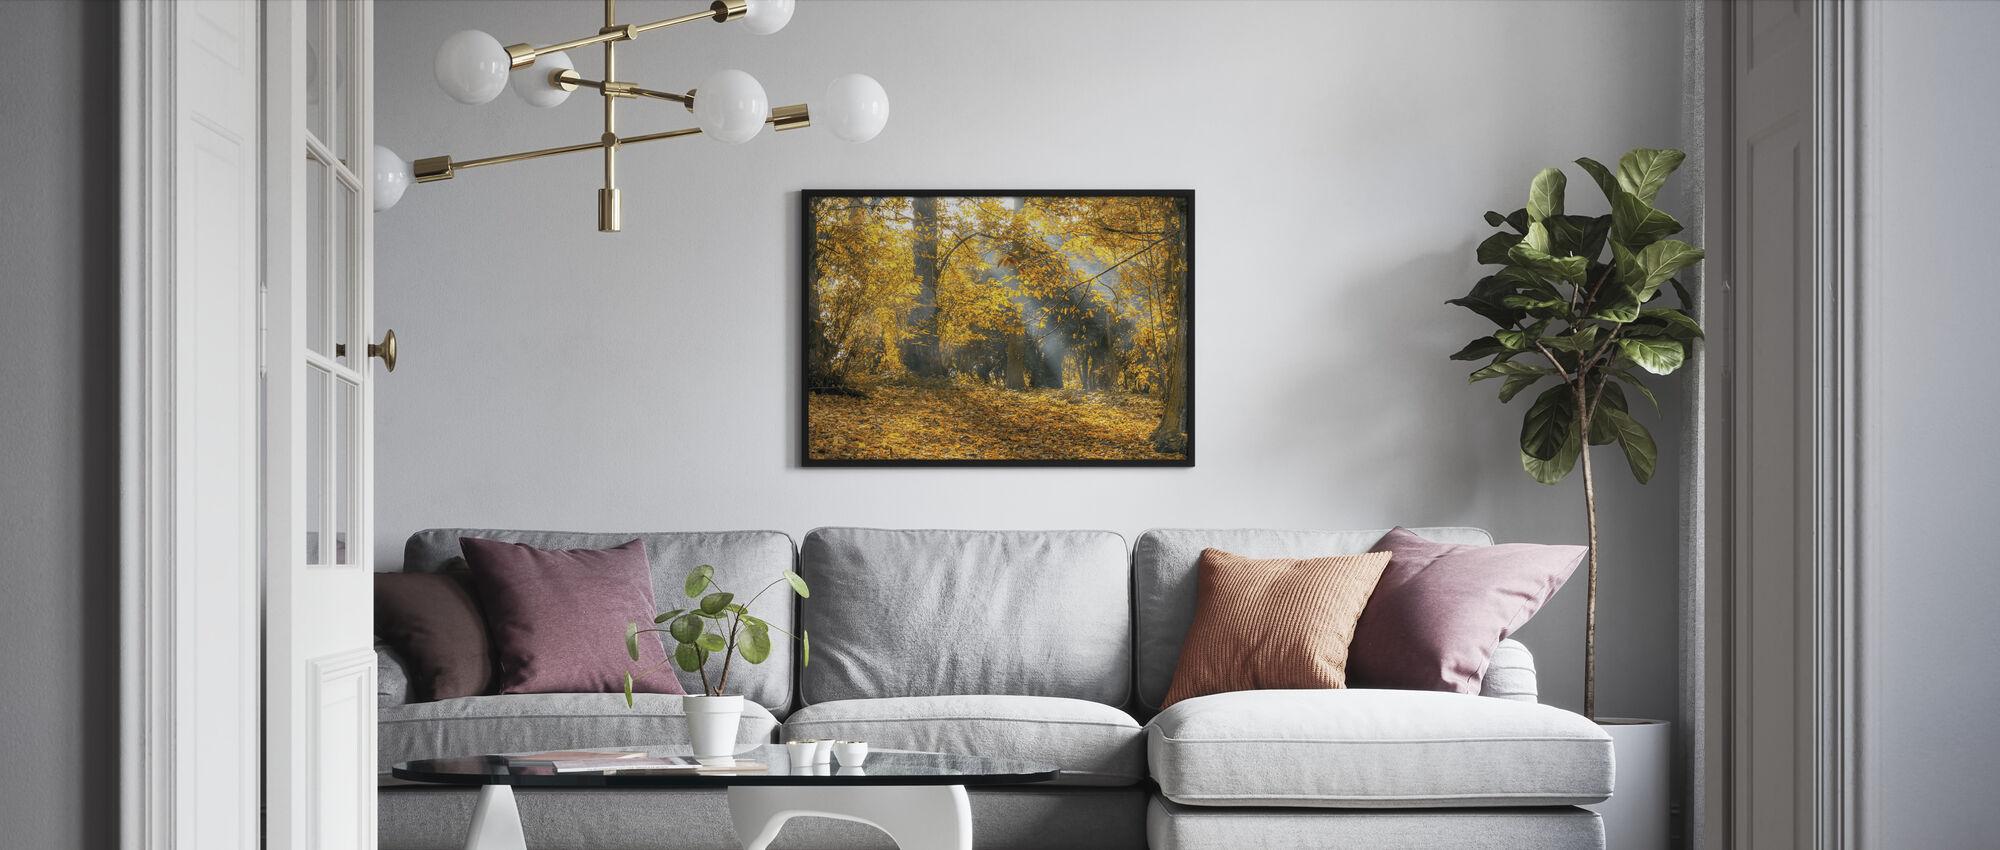 Keltainen Syksyn lehdet - Kehystetty kuva - Olohuone